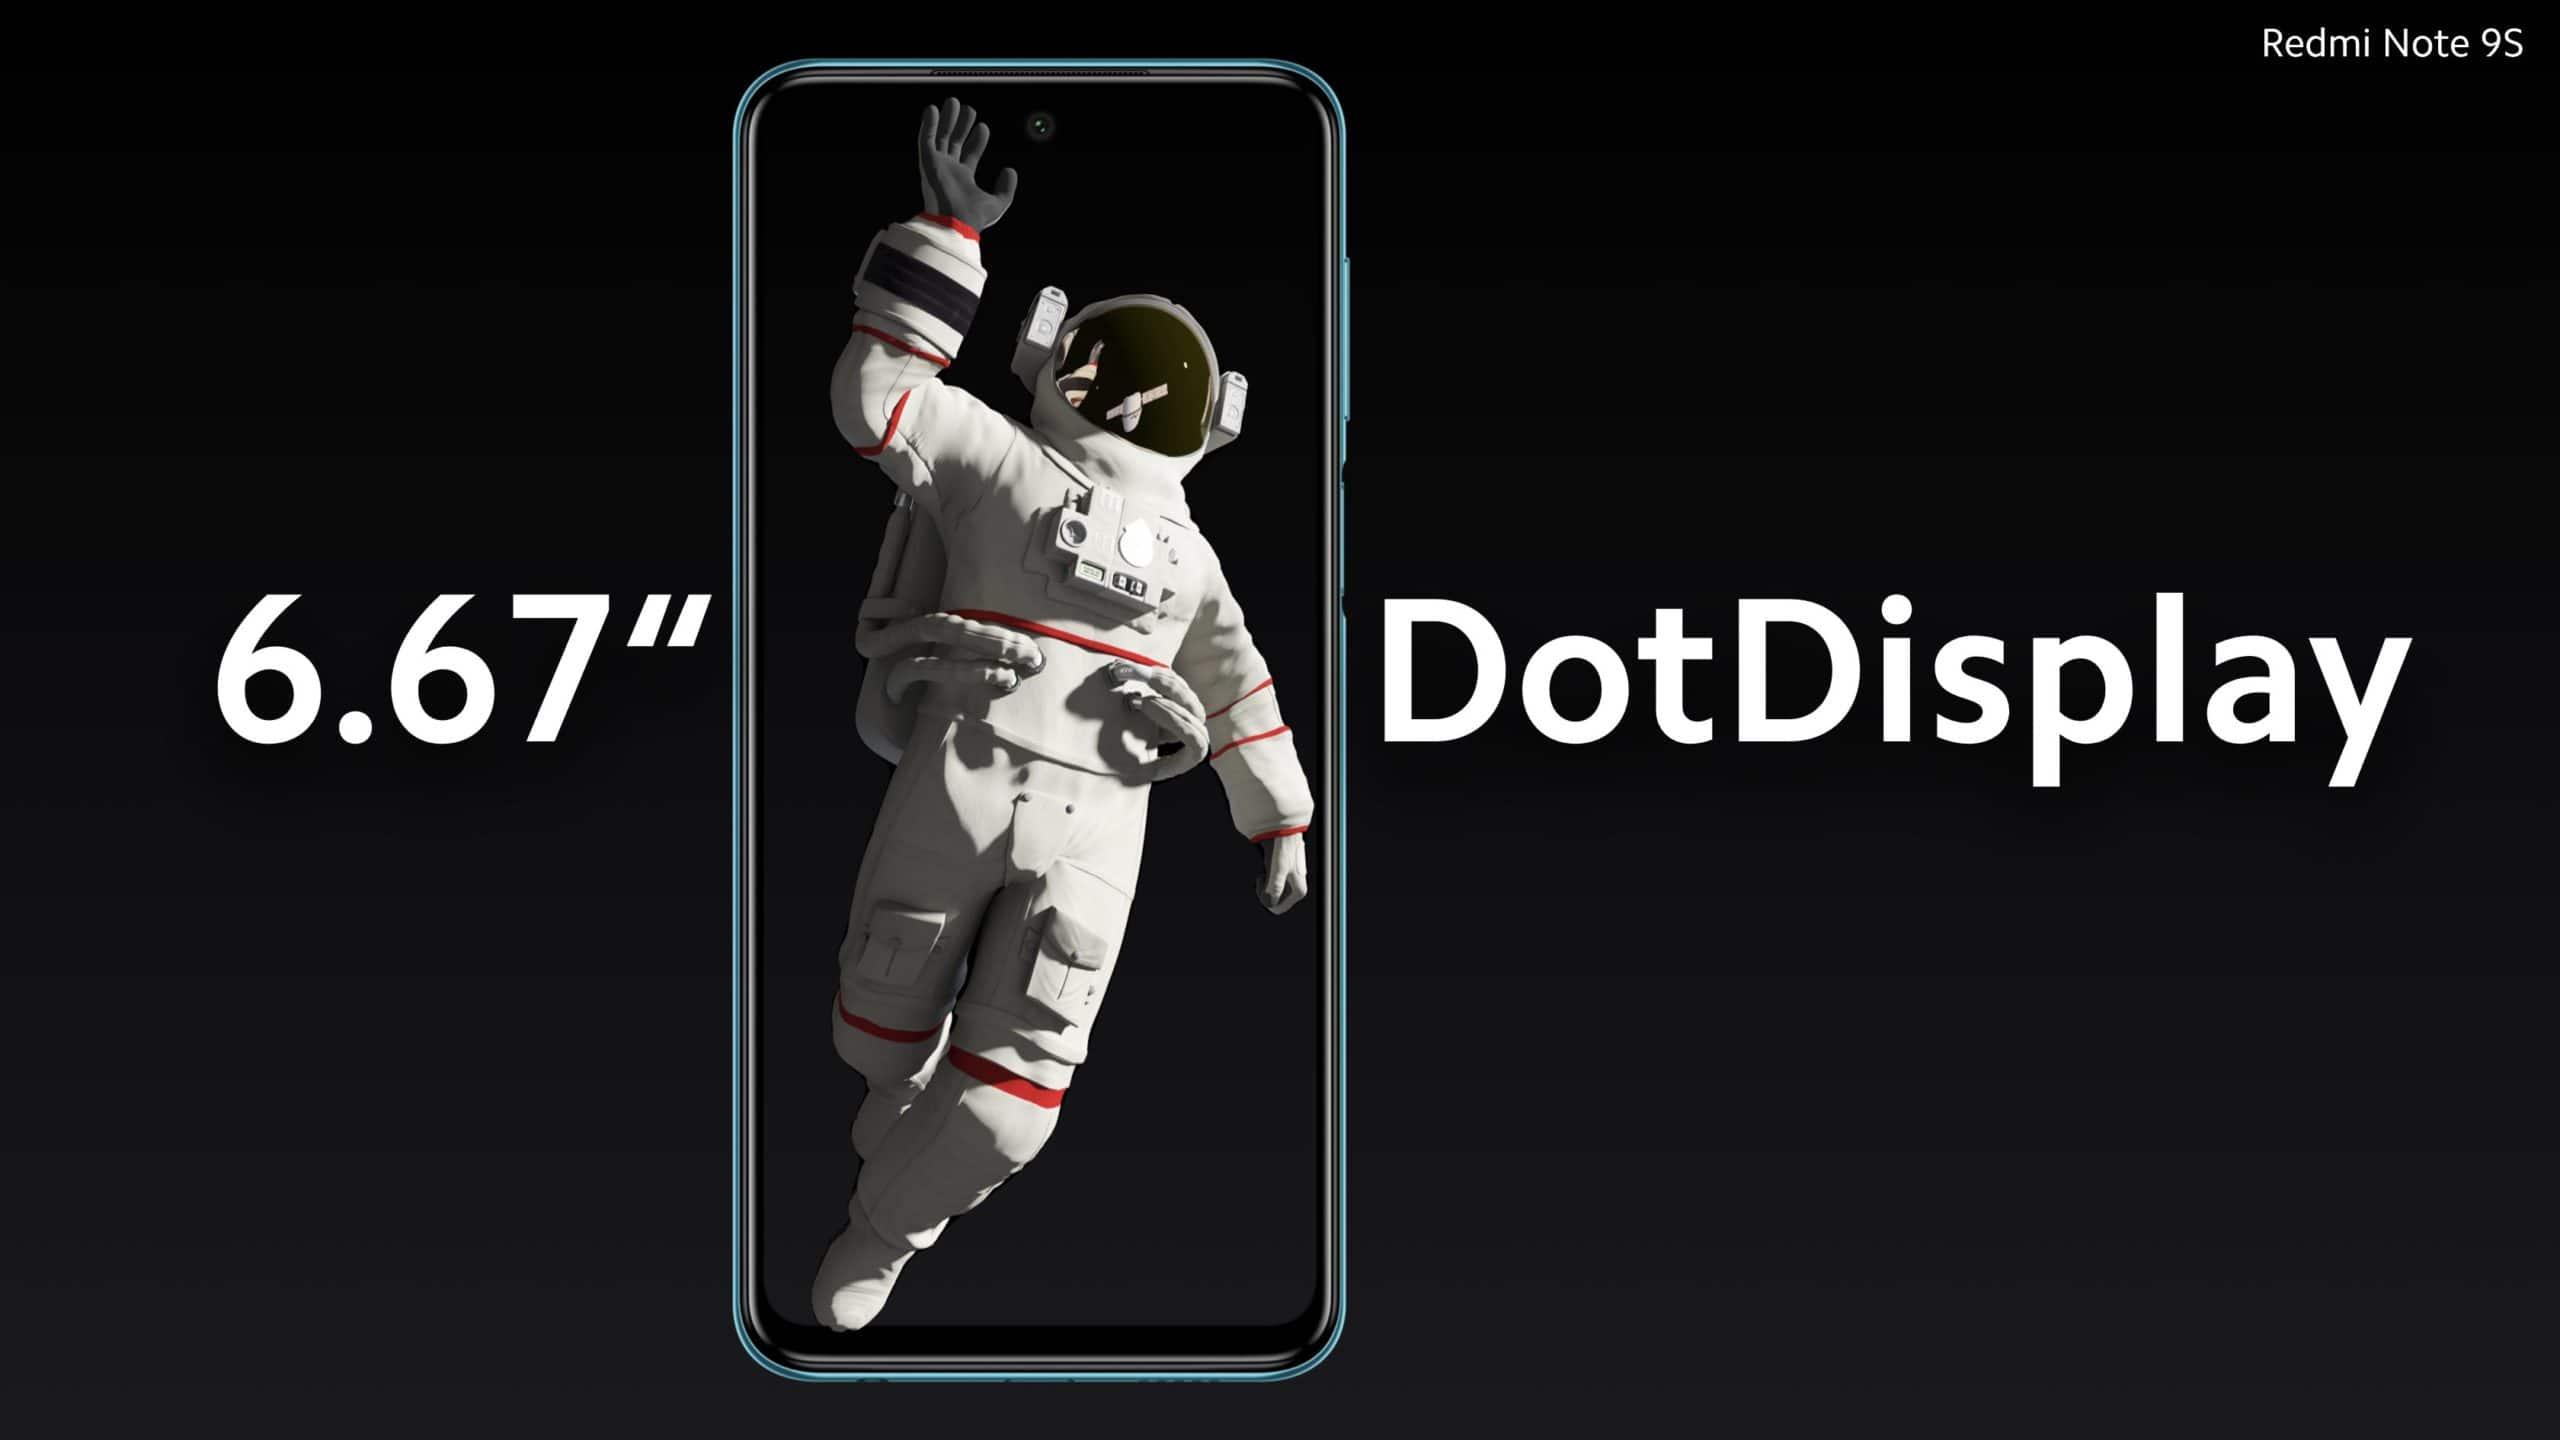 Redmi Note 9S image 3